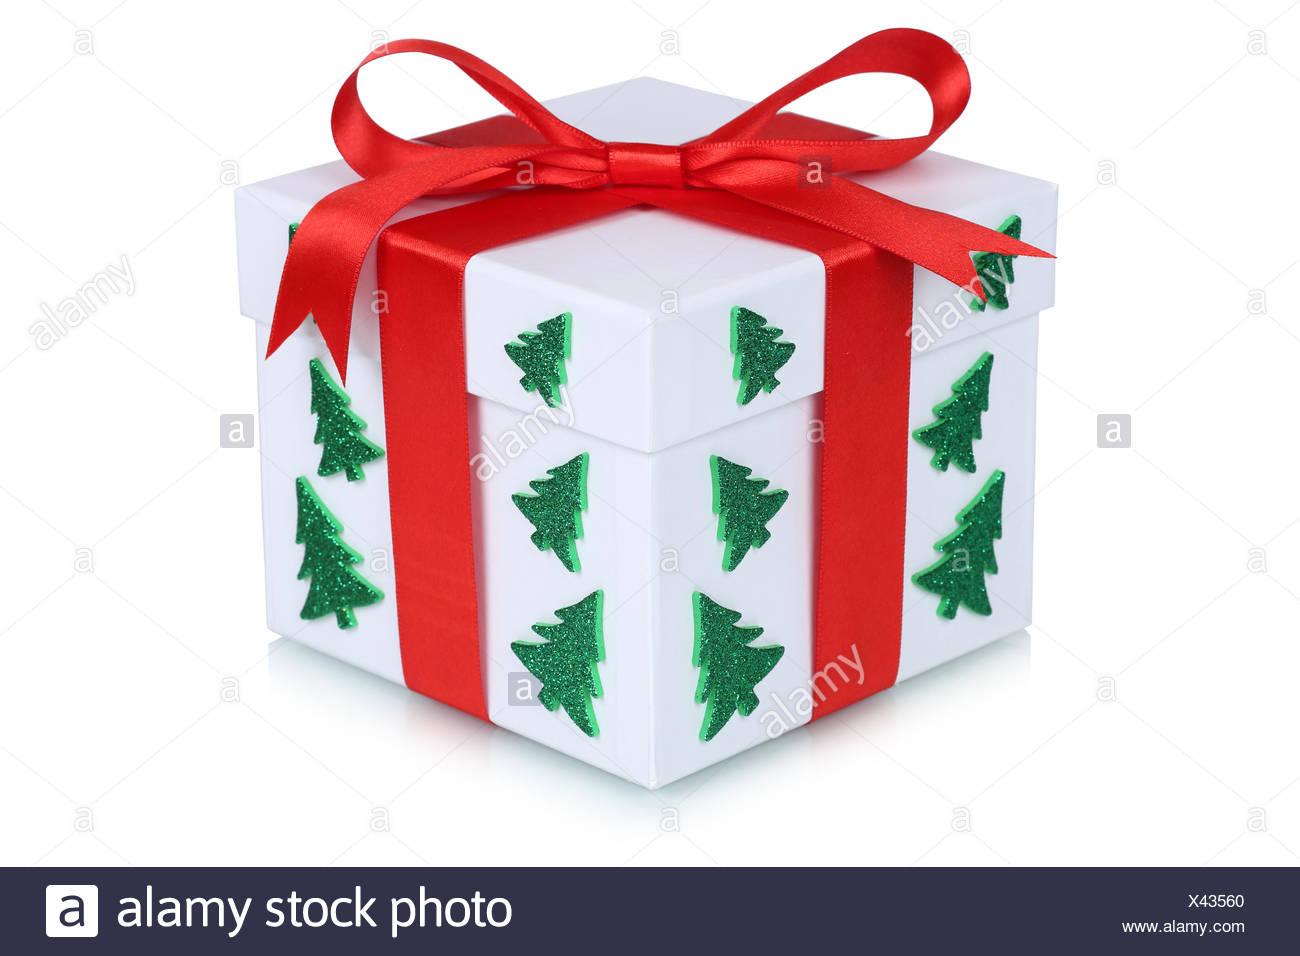 Weihnachtsgeschenk Geschenk Weihnachten Weihnachtsbaum Freisteller ...